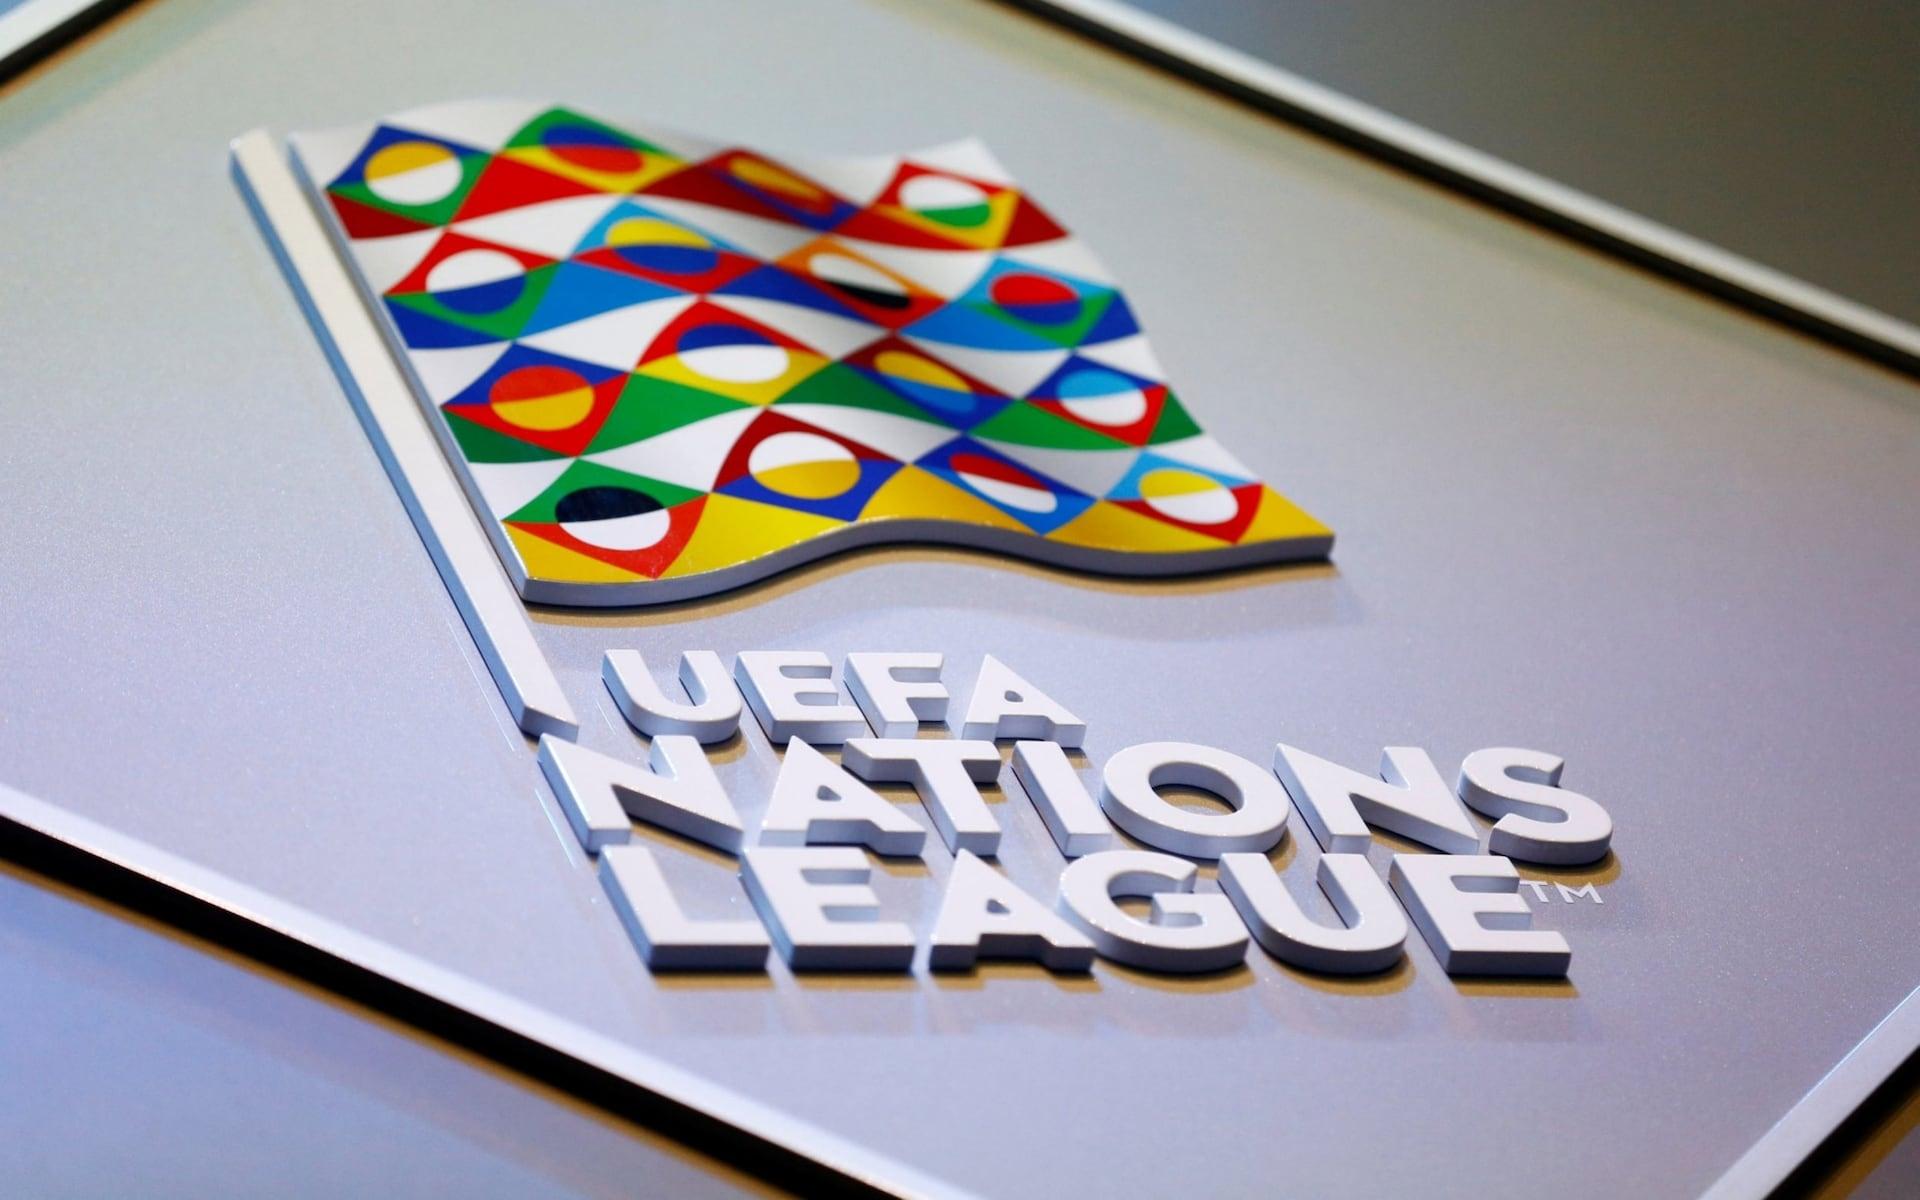 2ad876d8917 Резултатите от втория ден в Лигата на нациите - Лига на нациите